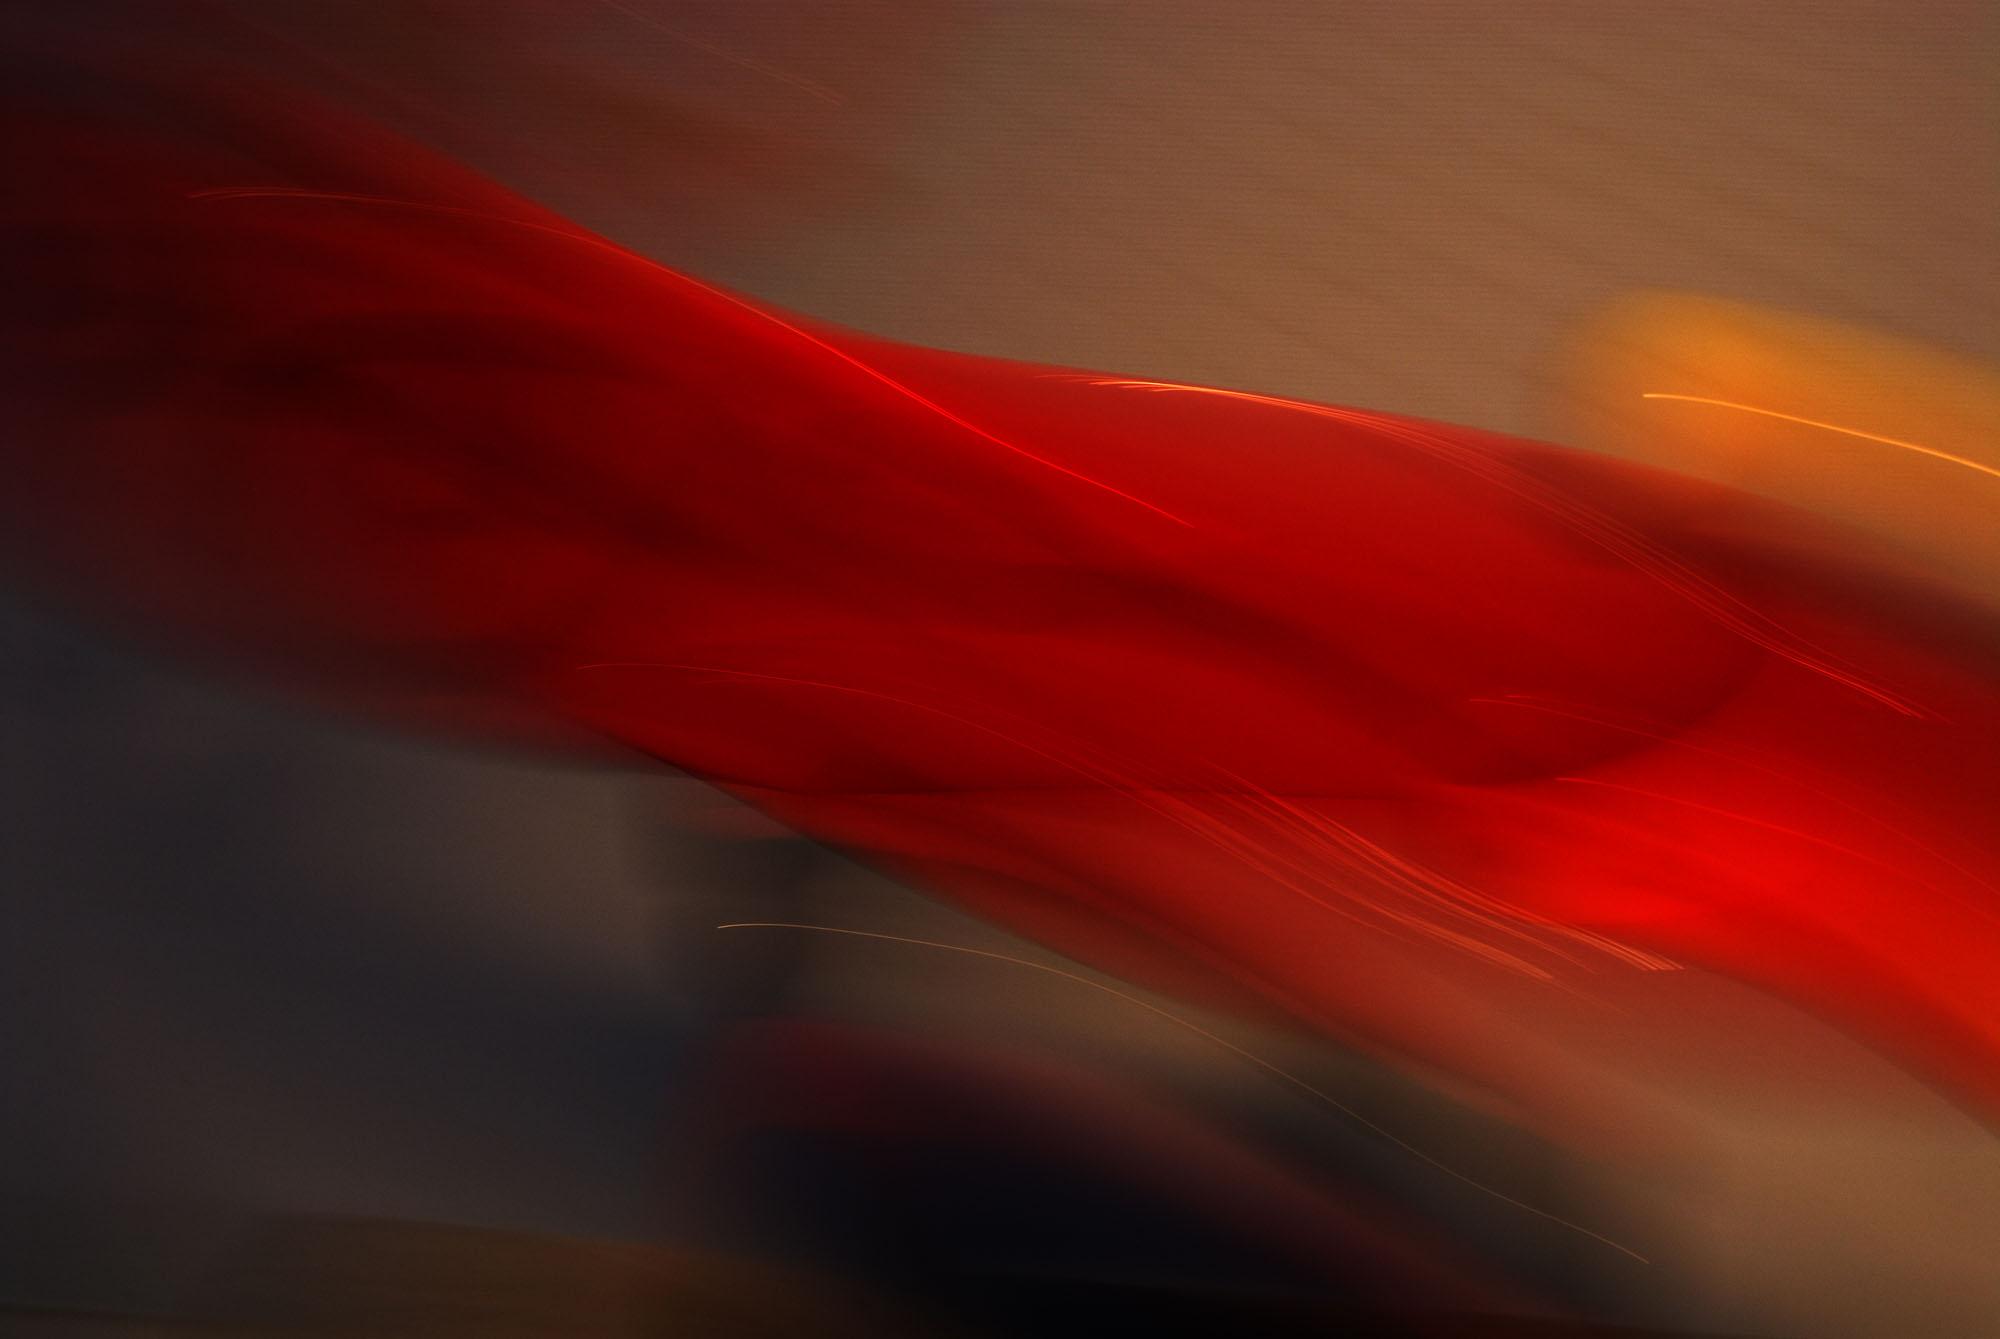 Foto van vage rode vormen als sluier